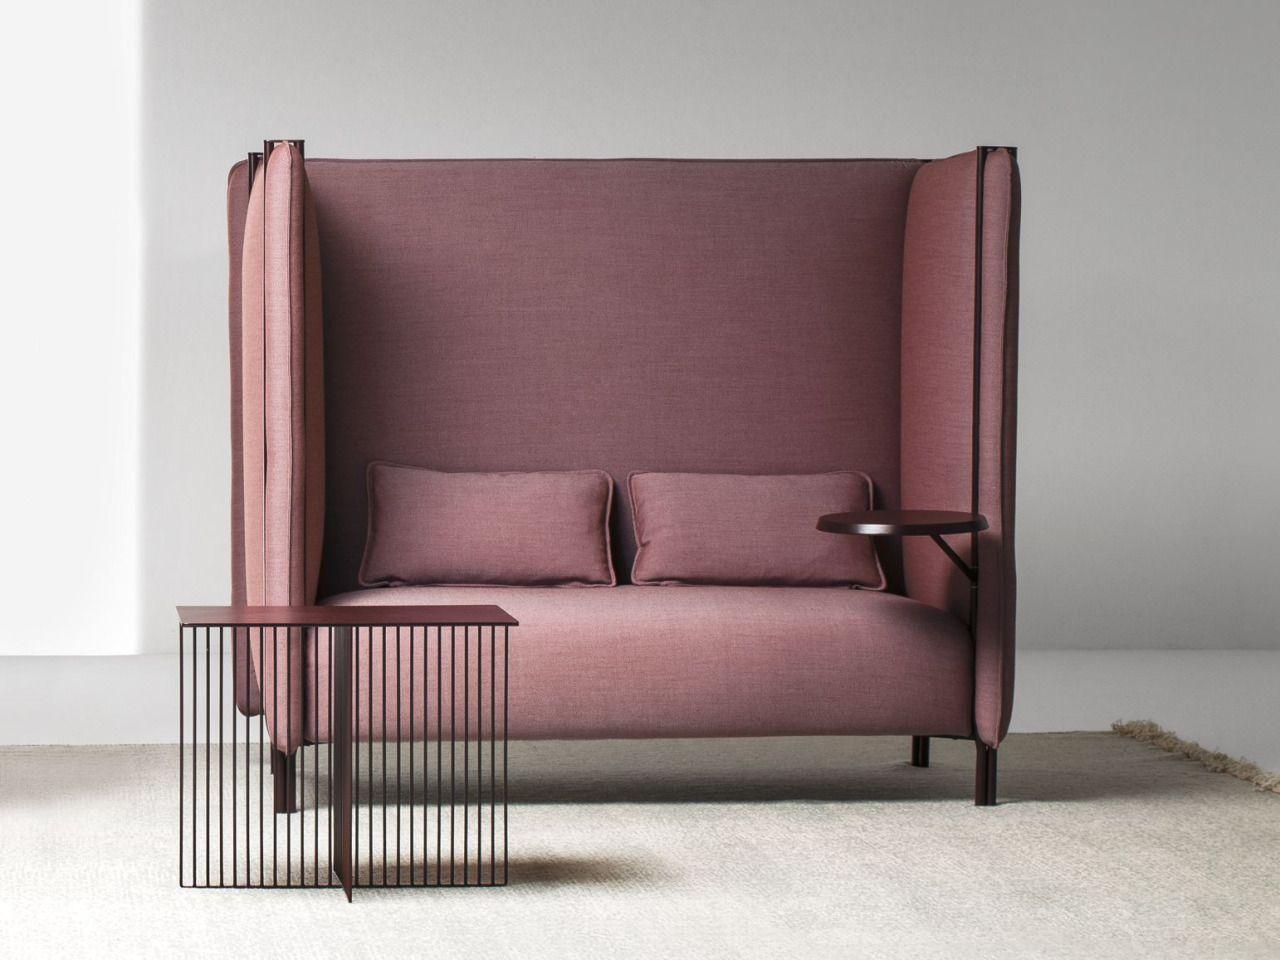 Boyspalm Photo Furniture Interior Furniture Sofa Furniture